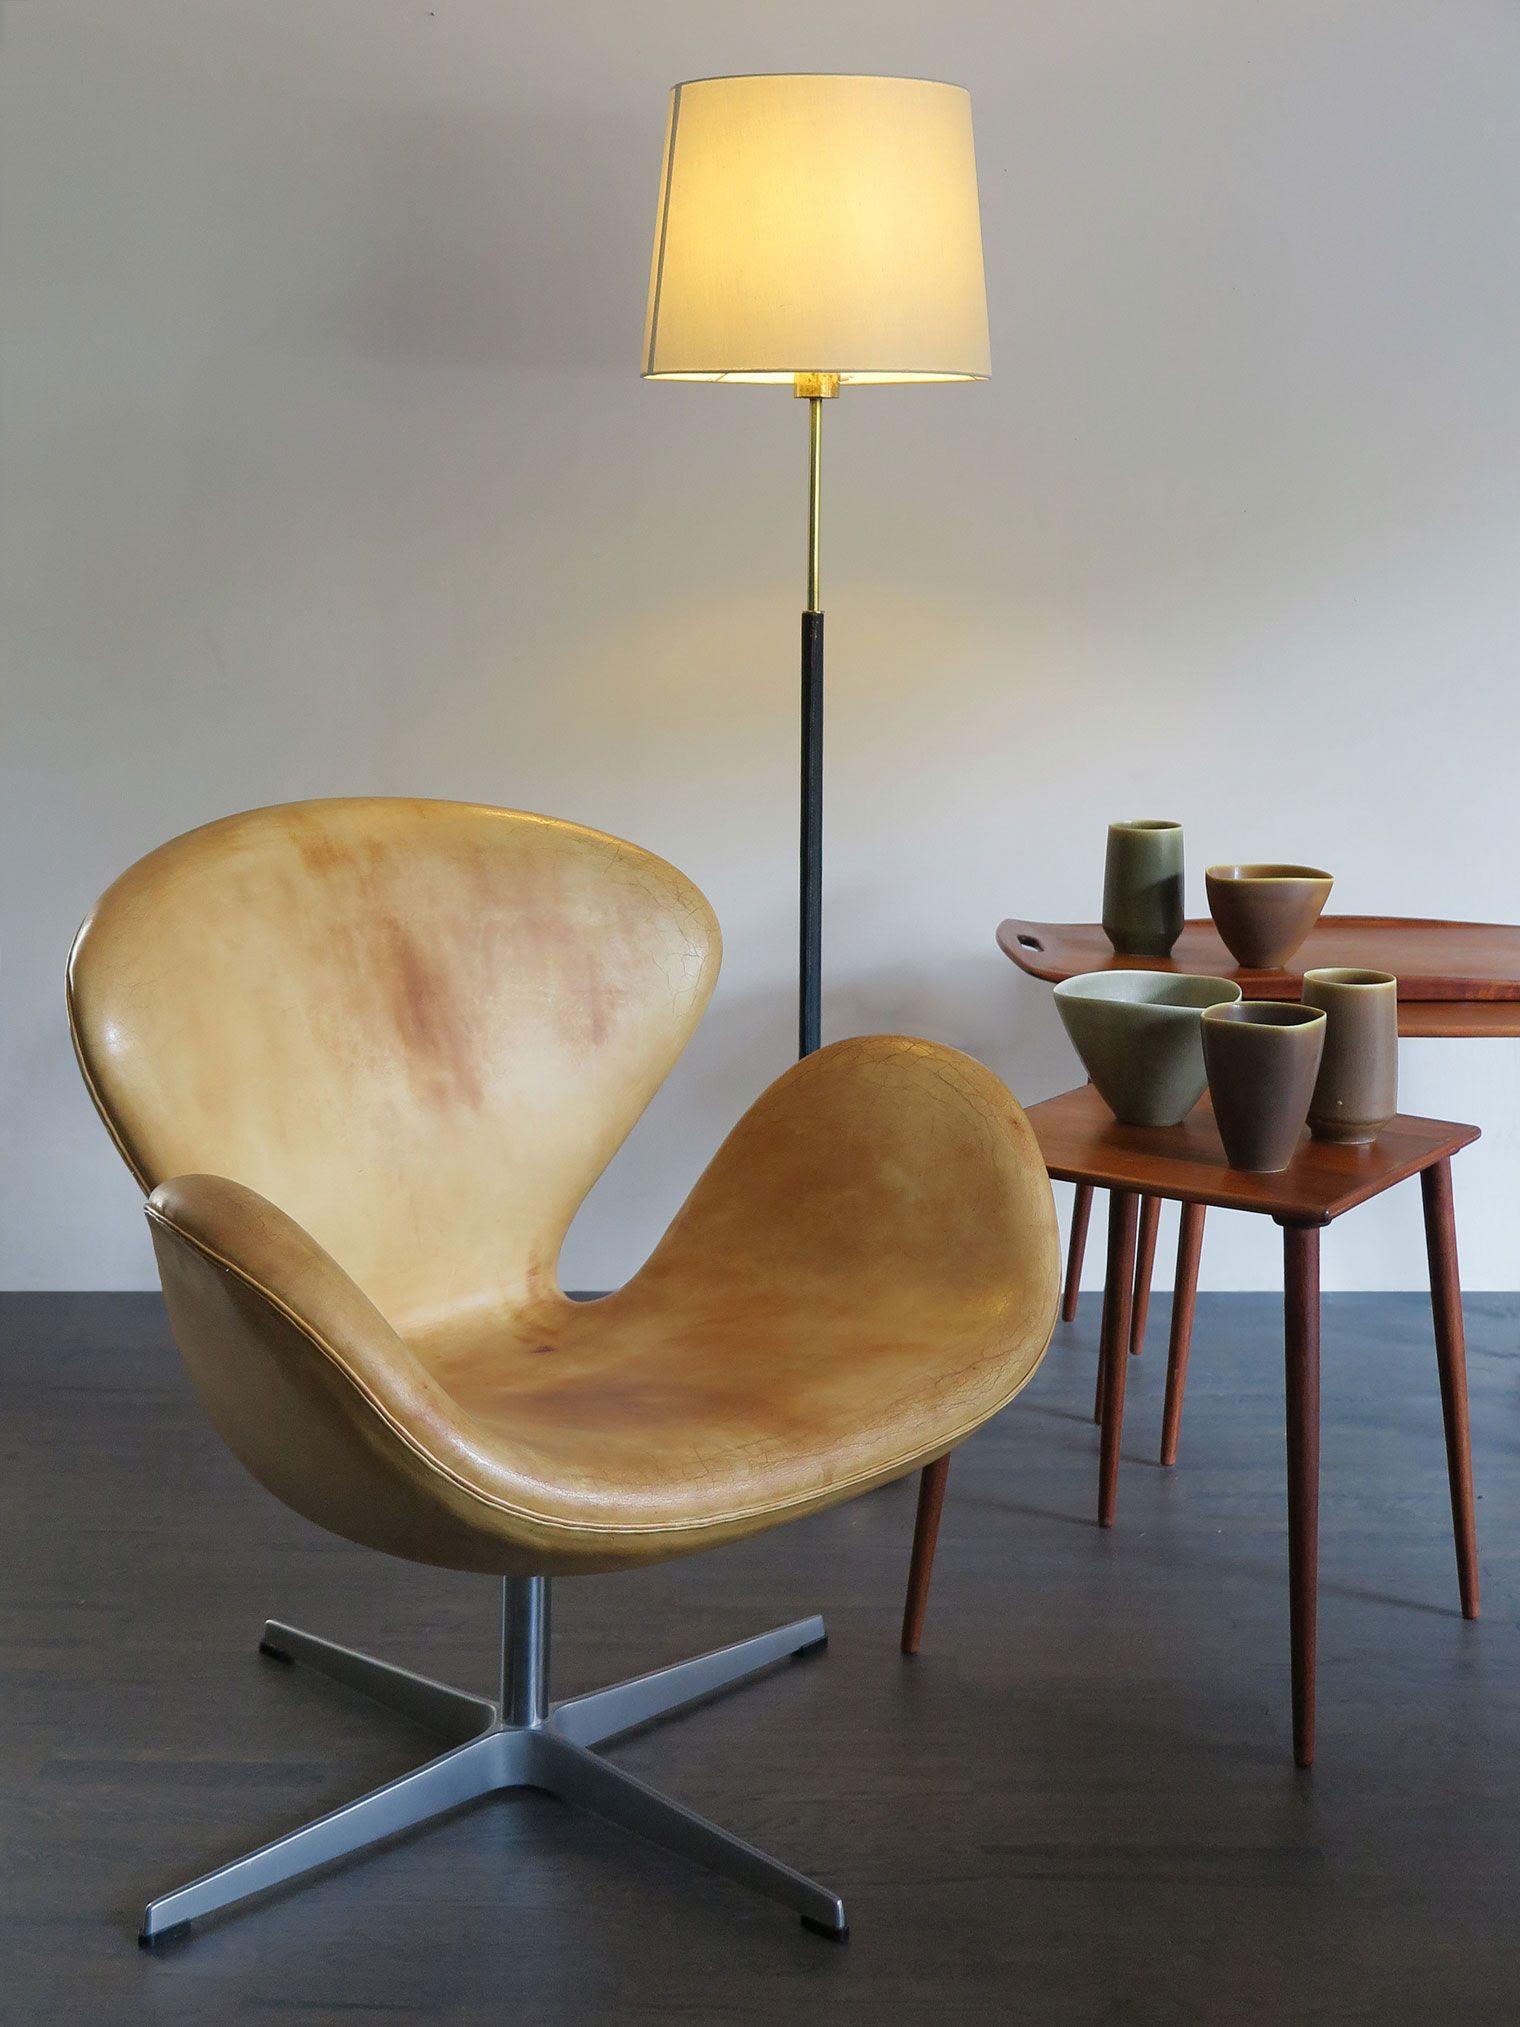 poltrone anni 50 vendo in coppia. Pin Su Chairs Seating Easychairs Sedie Sedute Poltrone